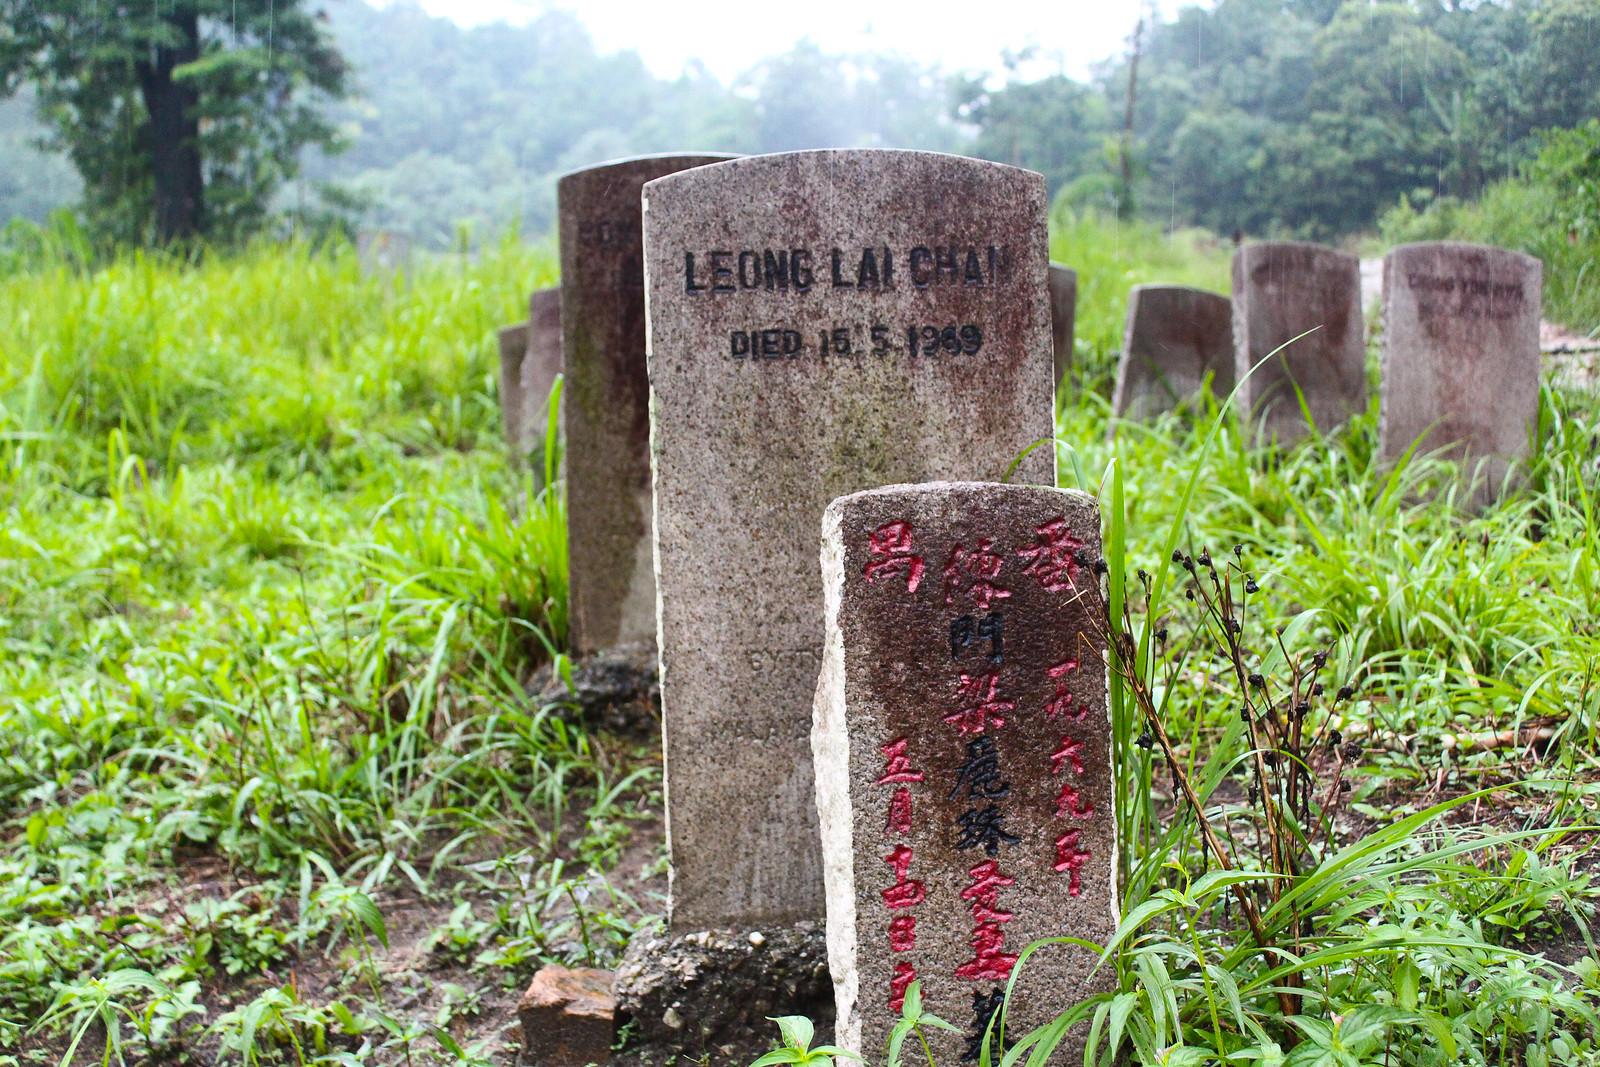 當年風聲鶴戾,下葬求快,刻的都是制式英語墓碑,後來偶有家人尋來,再立華語新碑,甚至修墓。(攝影:何欣潔)